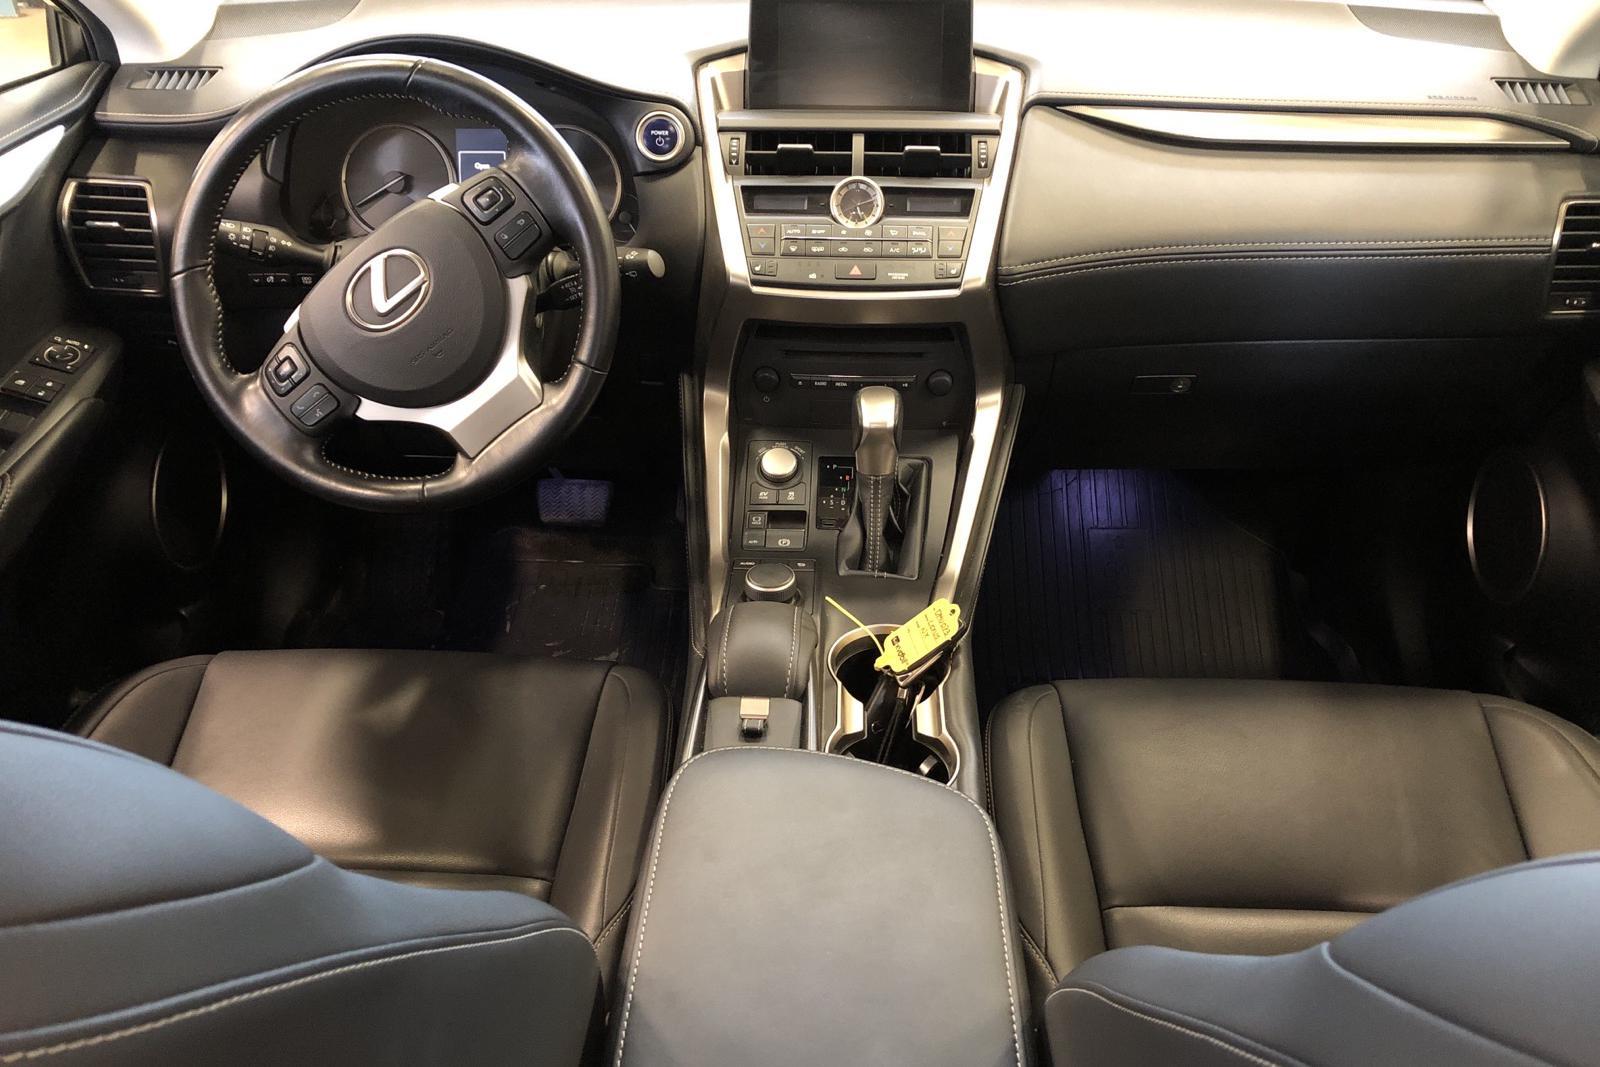 Lexus NX 300h AWD (181hk) - 80 300 km - Automatic - silver - 2017